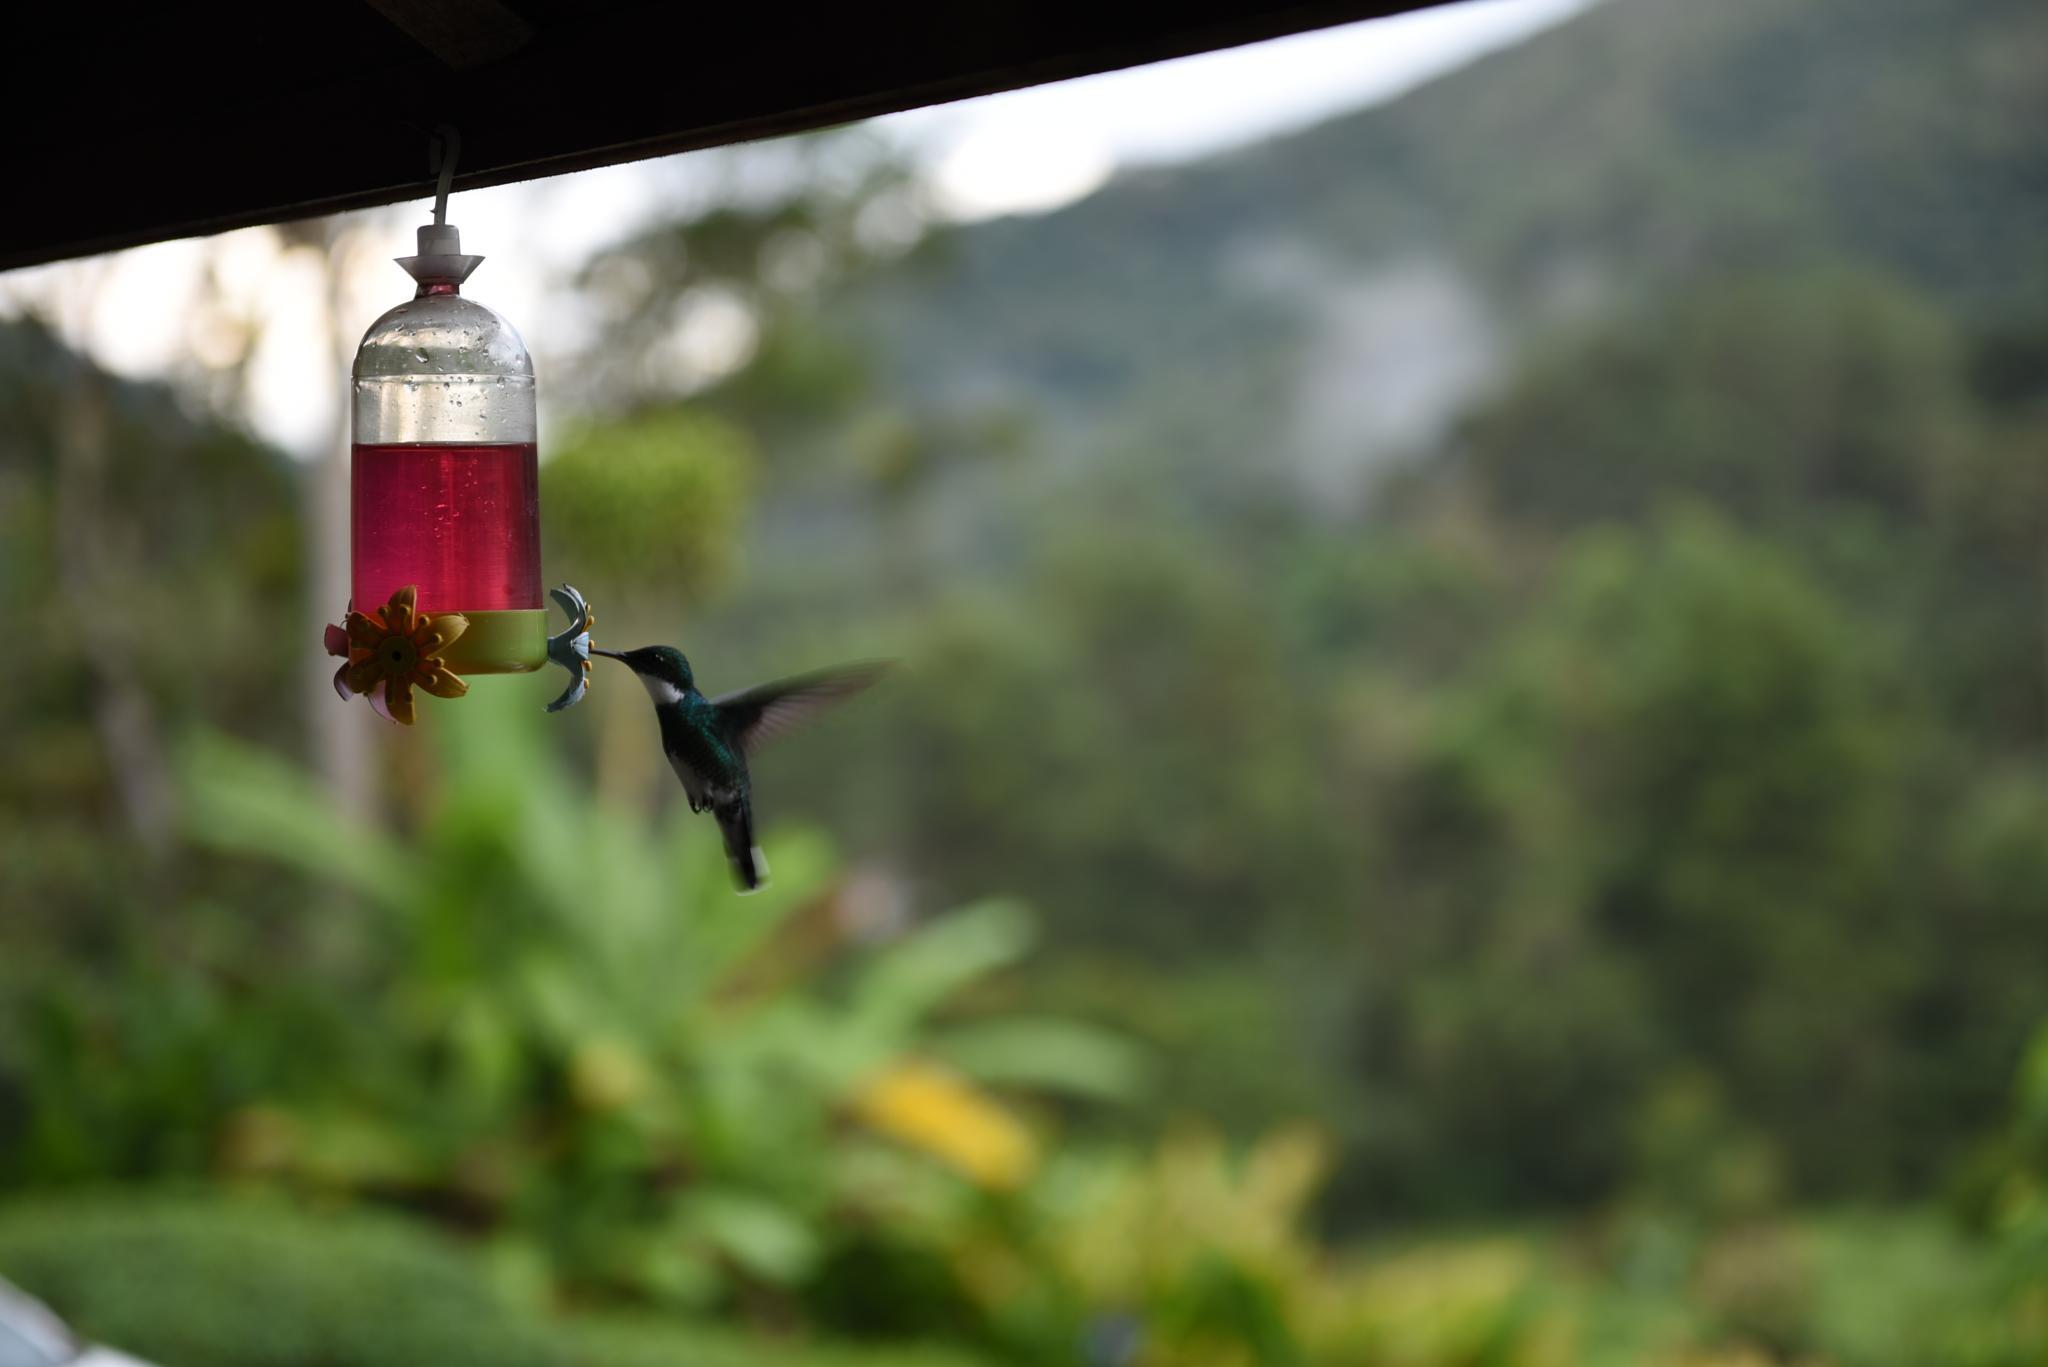 Hummingbird by ClaudioBezerra